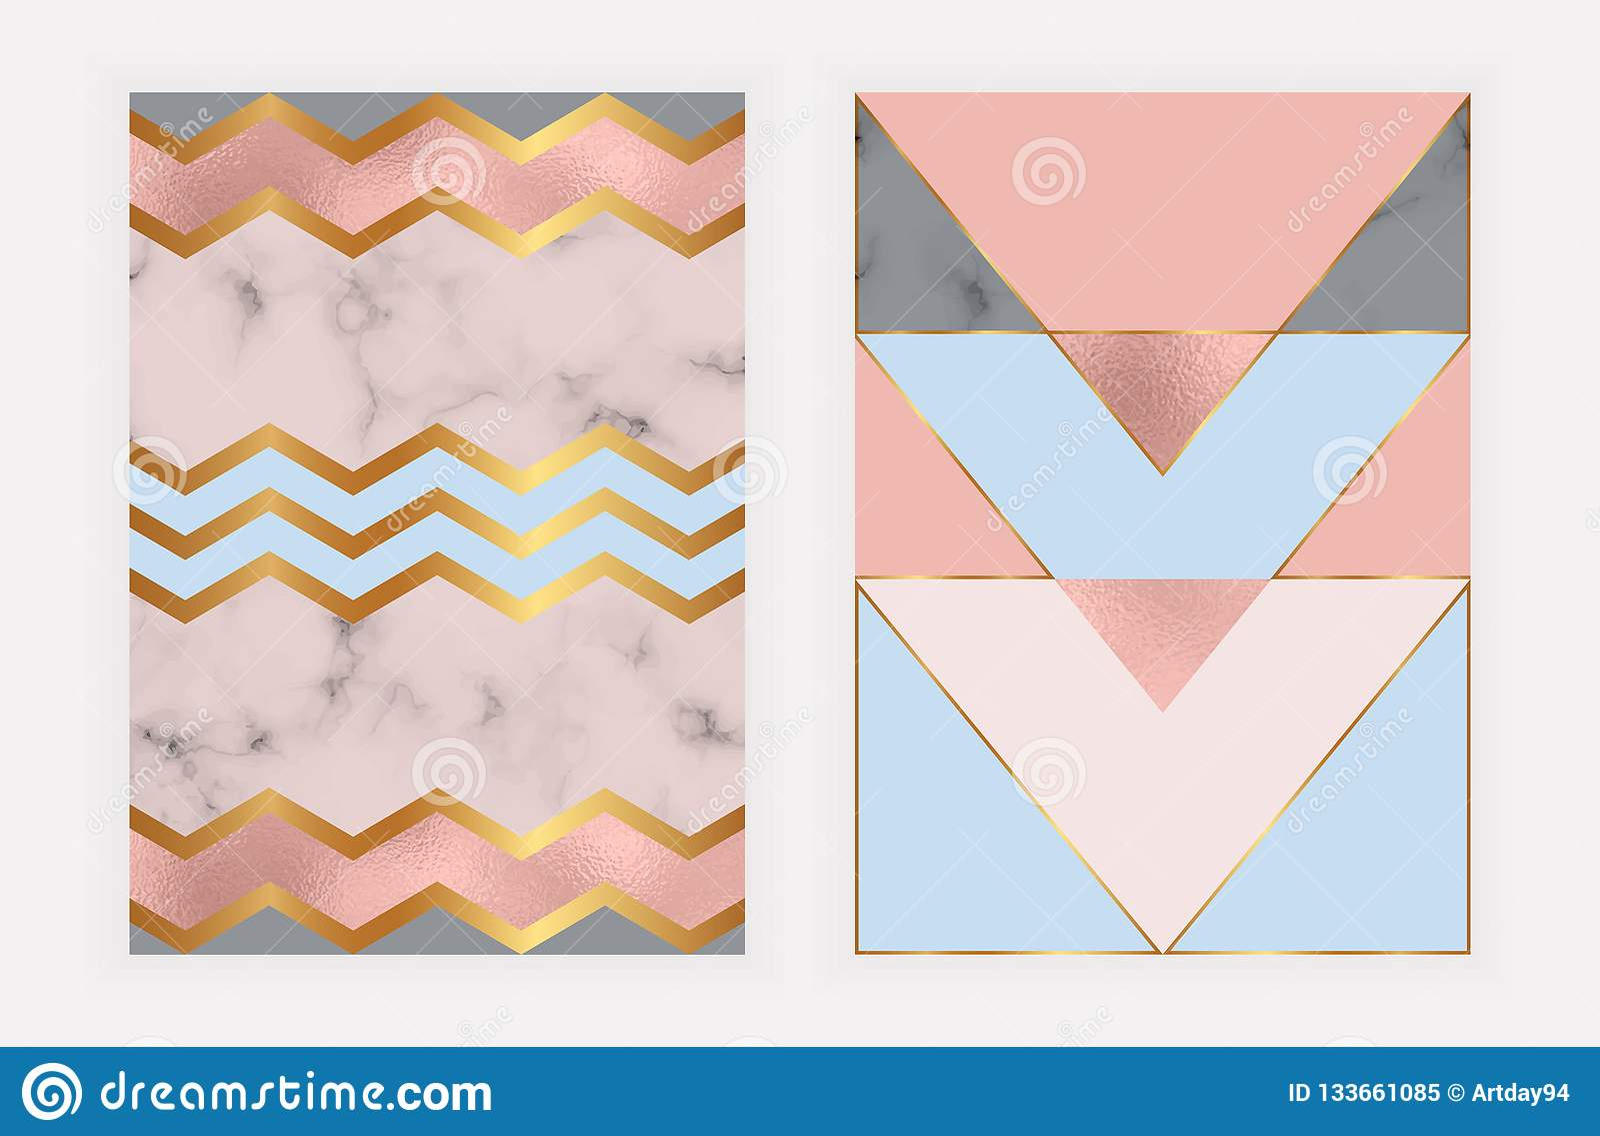 Дизайн моды геометрический с розовой текстурой сусального золота и мраморных Современная предпосылка для карты, торжество, летчик